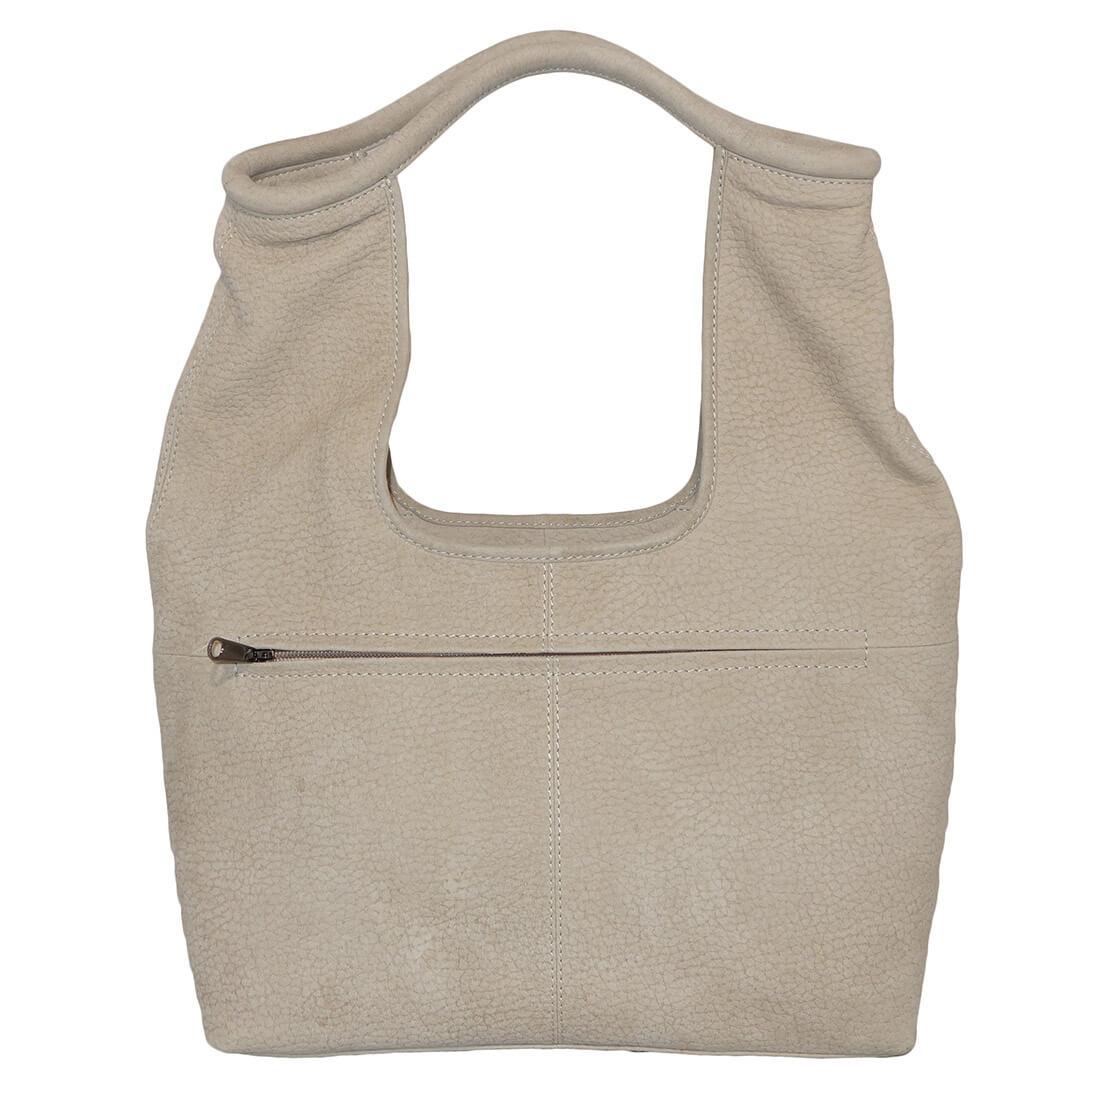 947ea0f95e4 ... Shopper Shell-21835 Voi Dames Handtas / Shopper Shell-21836. Prachtige echt  leren handtas/shopper van Voi. De tas gemaakt van hoogwaardige kwaliteit ...